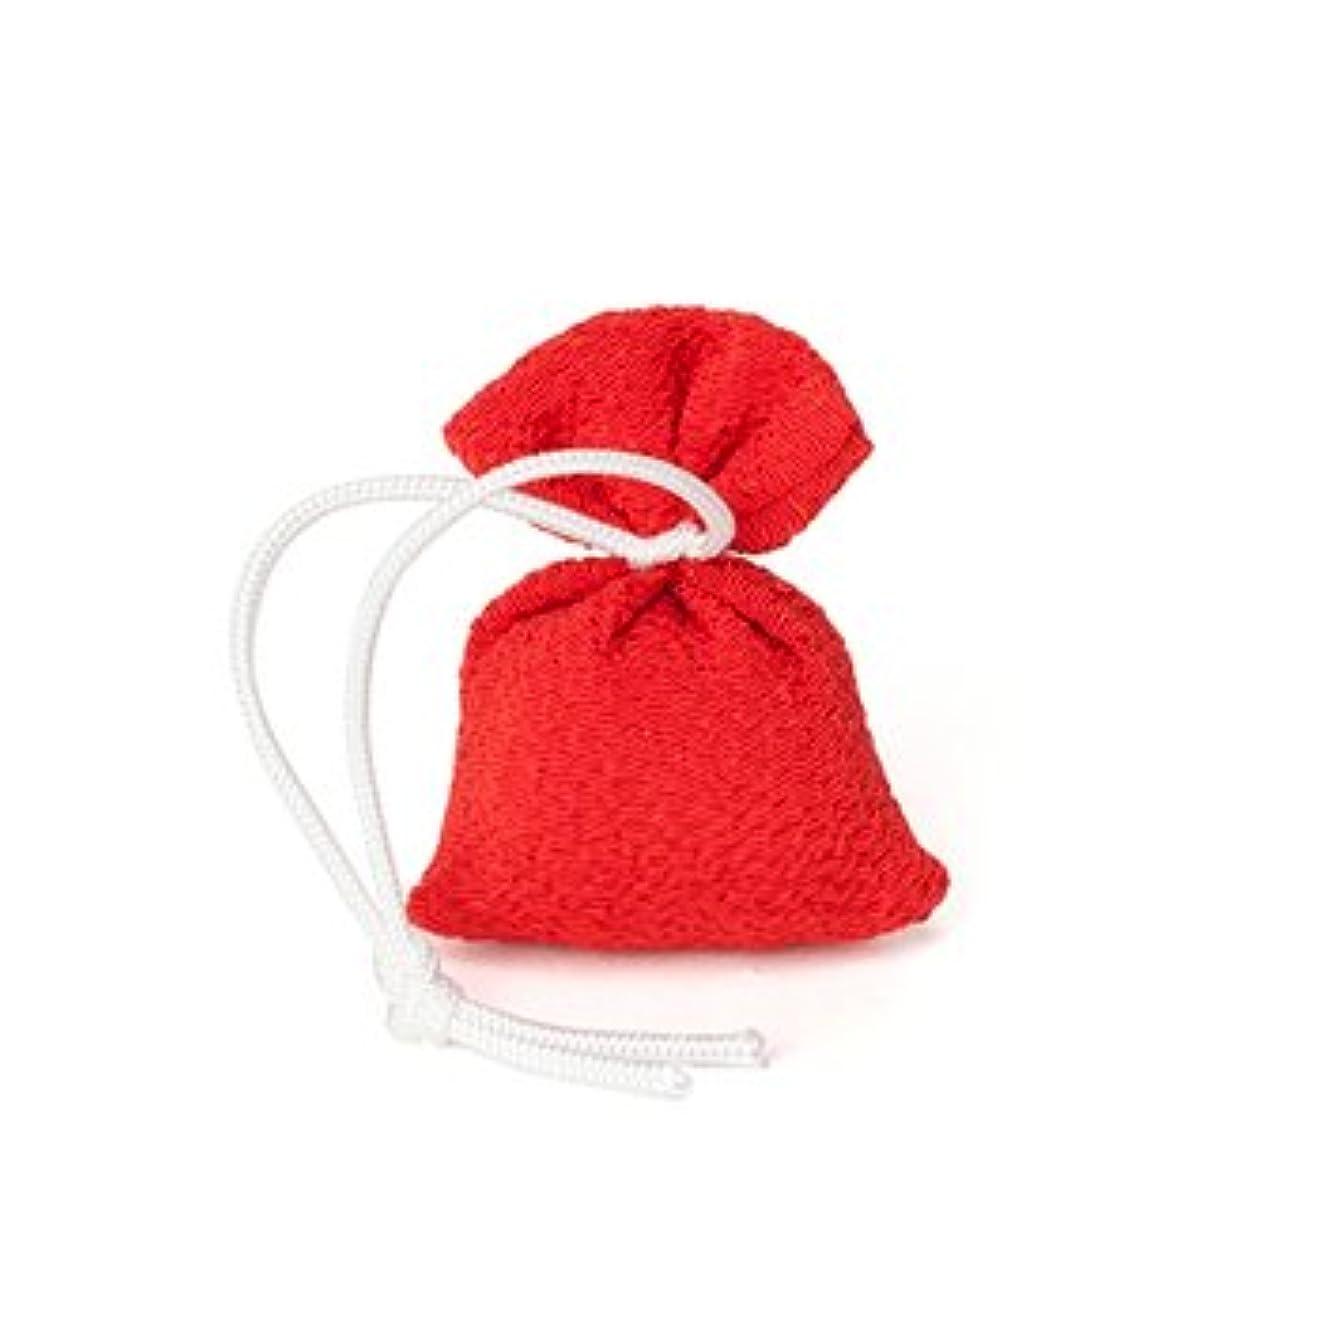 ボード困難あさり松栄堂 匂い袋 誰が袖 携帯用 1個入 ケースなし (色をお選びください) (赤)